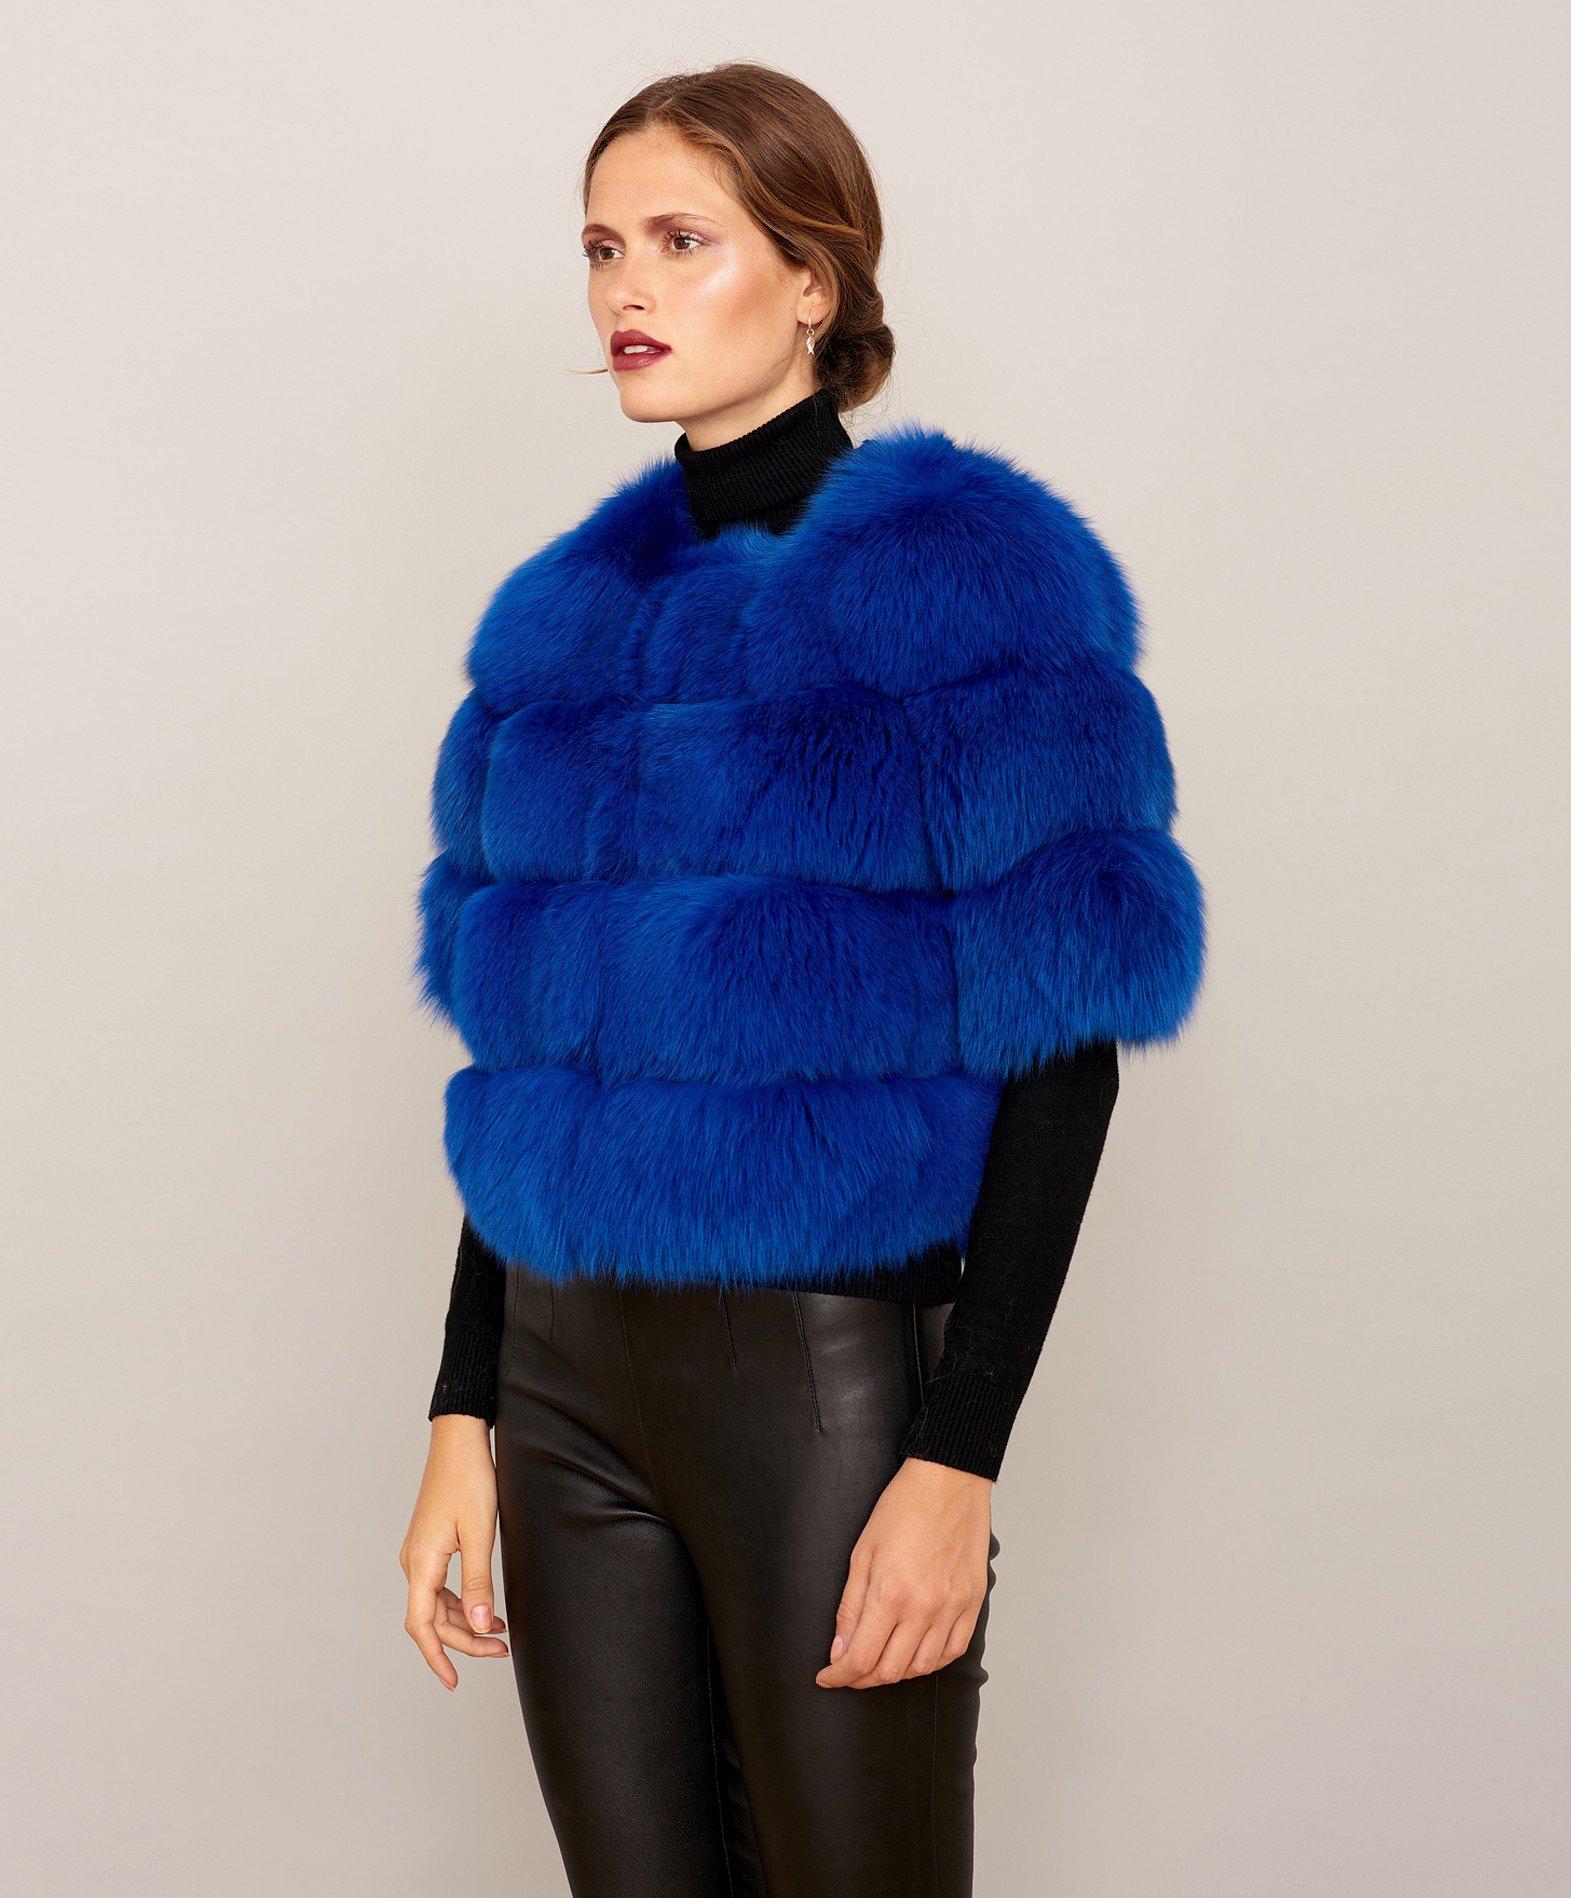 91cd012819f30b veste-fourrure-renard-femme-avec-manche-courte-couleur-bleue.jpg